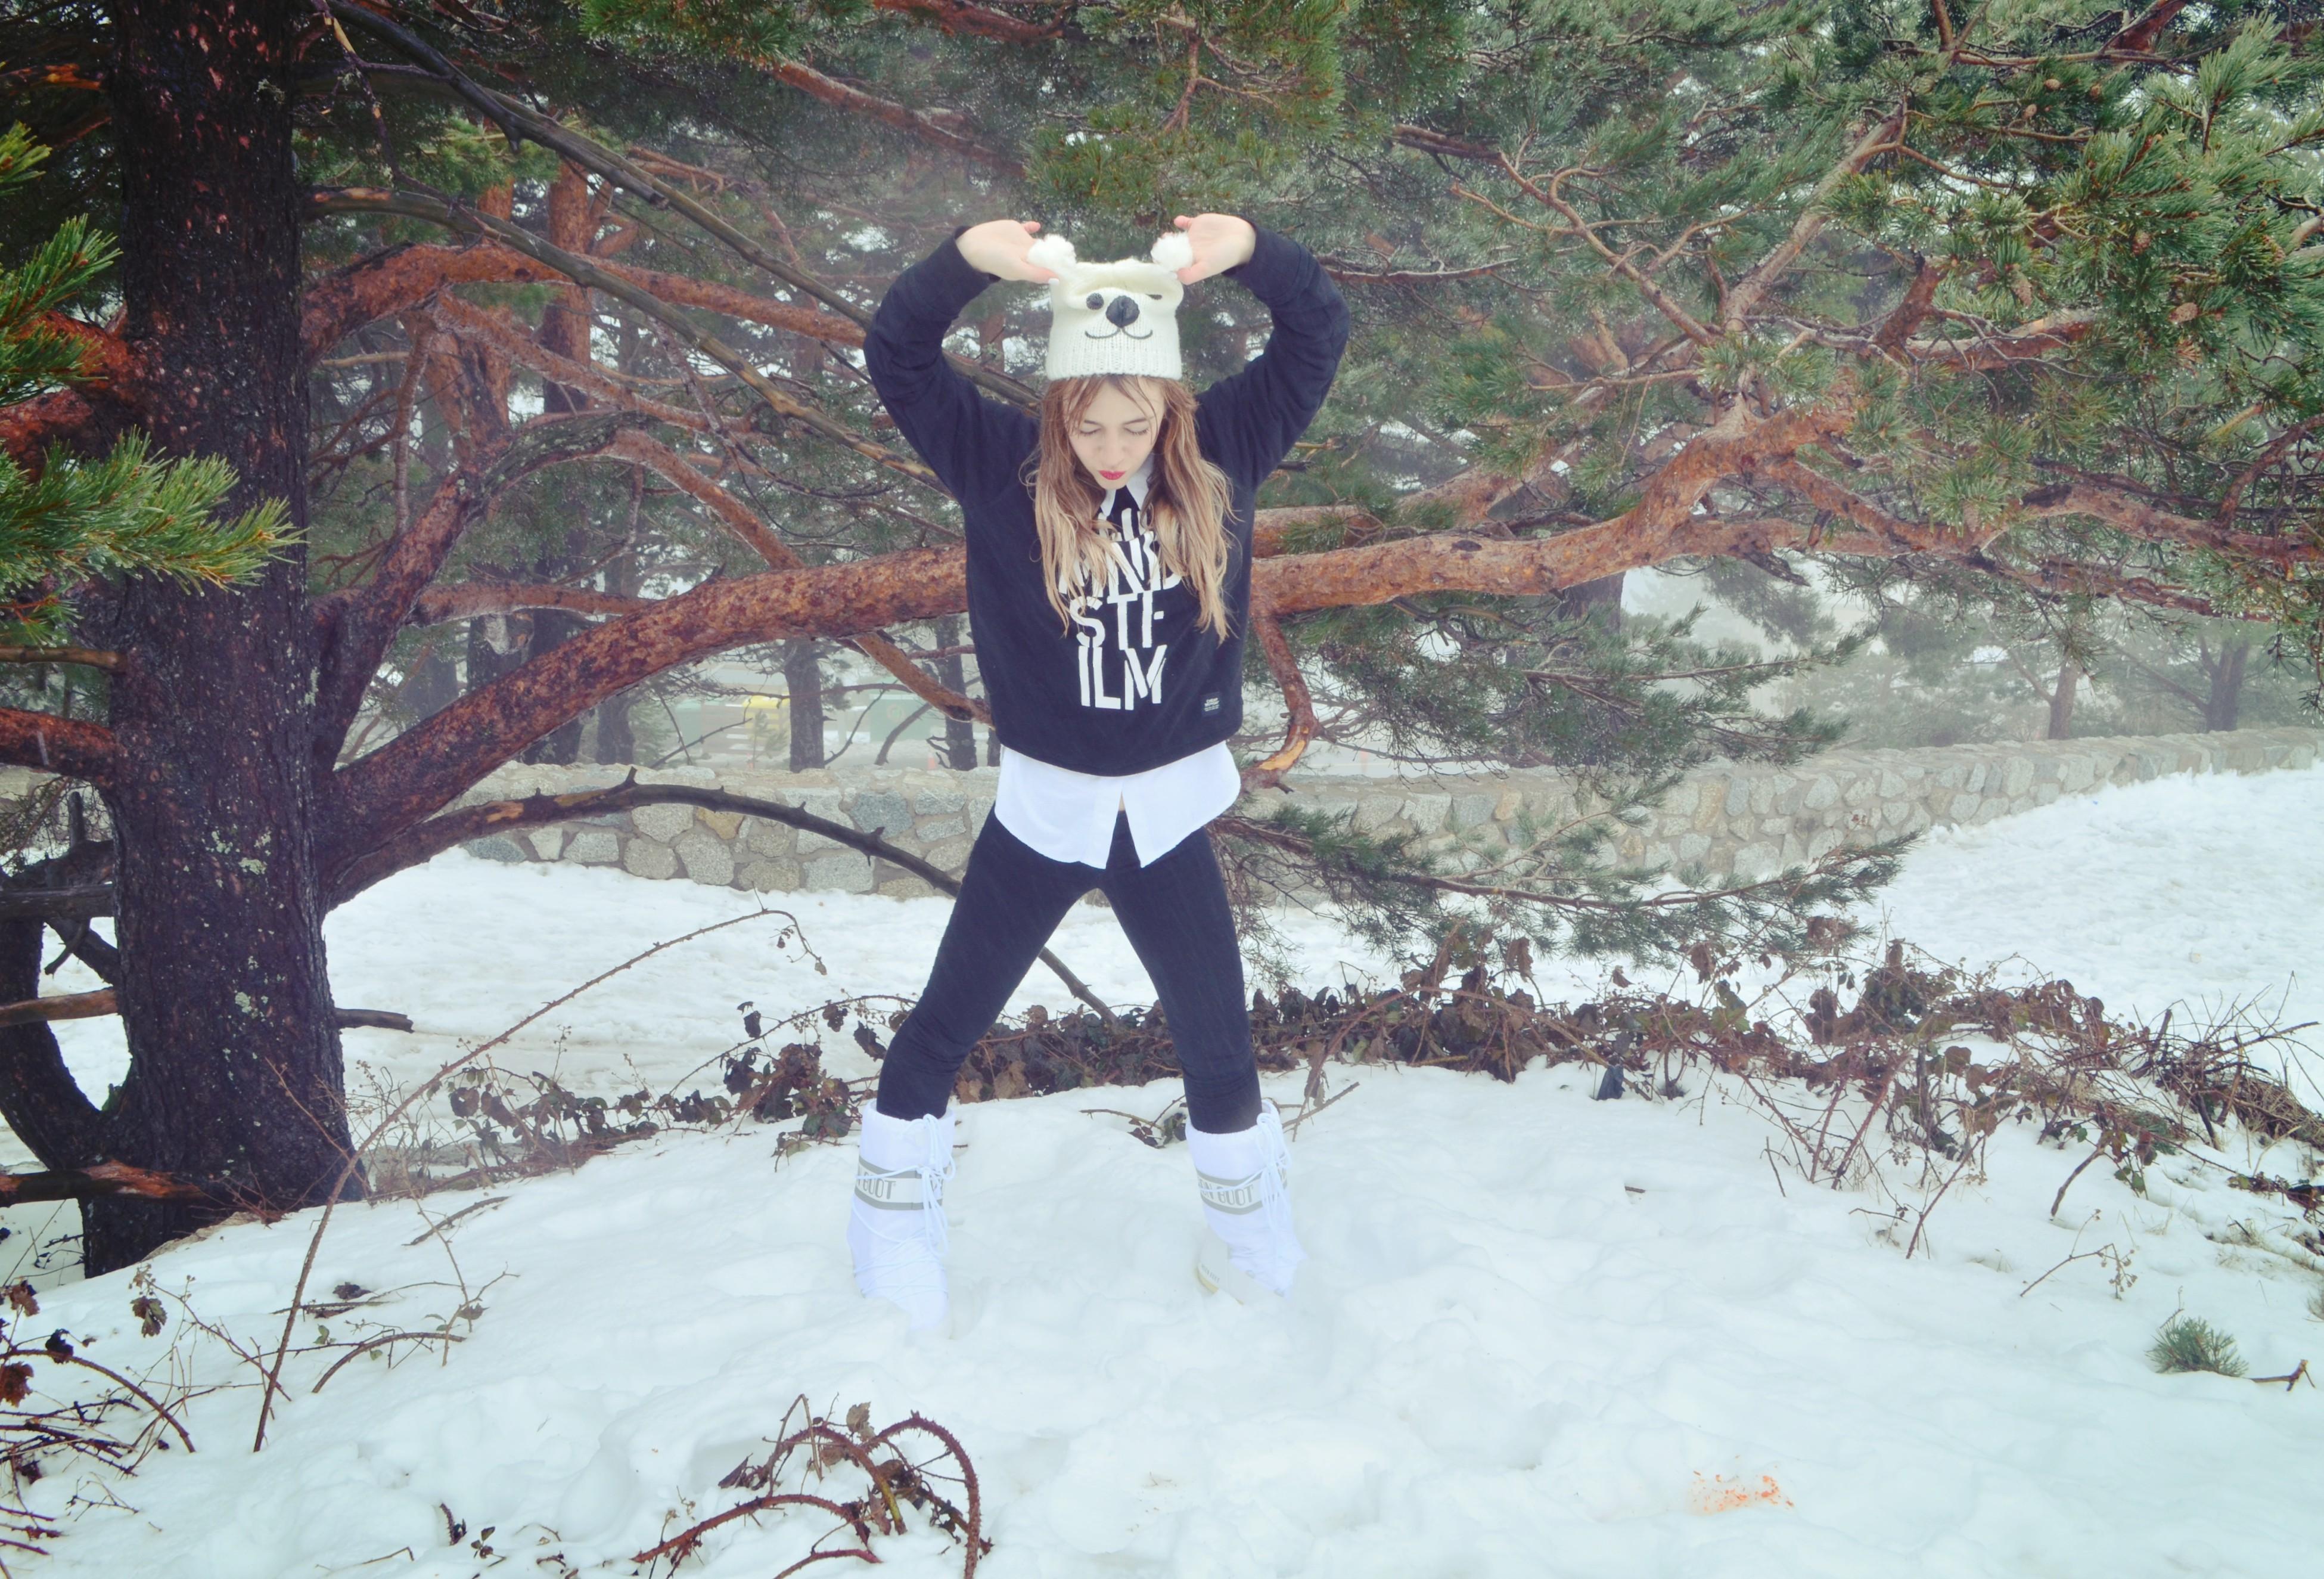 Moon-boot-blog-de-moda-fashionista-ChicAdicta-snow-look-nieve-en-Madrid-Navacerrada-Chic-Adicta-PiensaenChic-Piensa-en-Chic